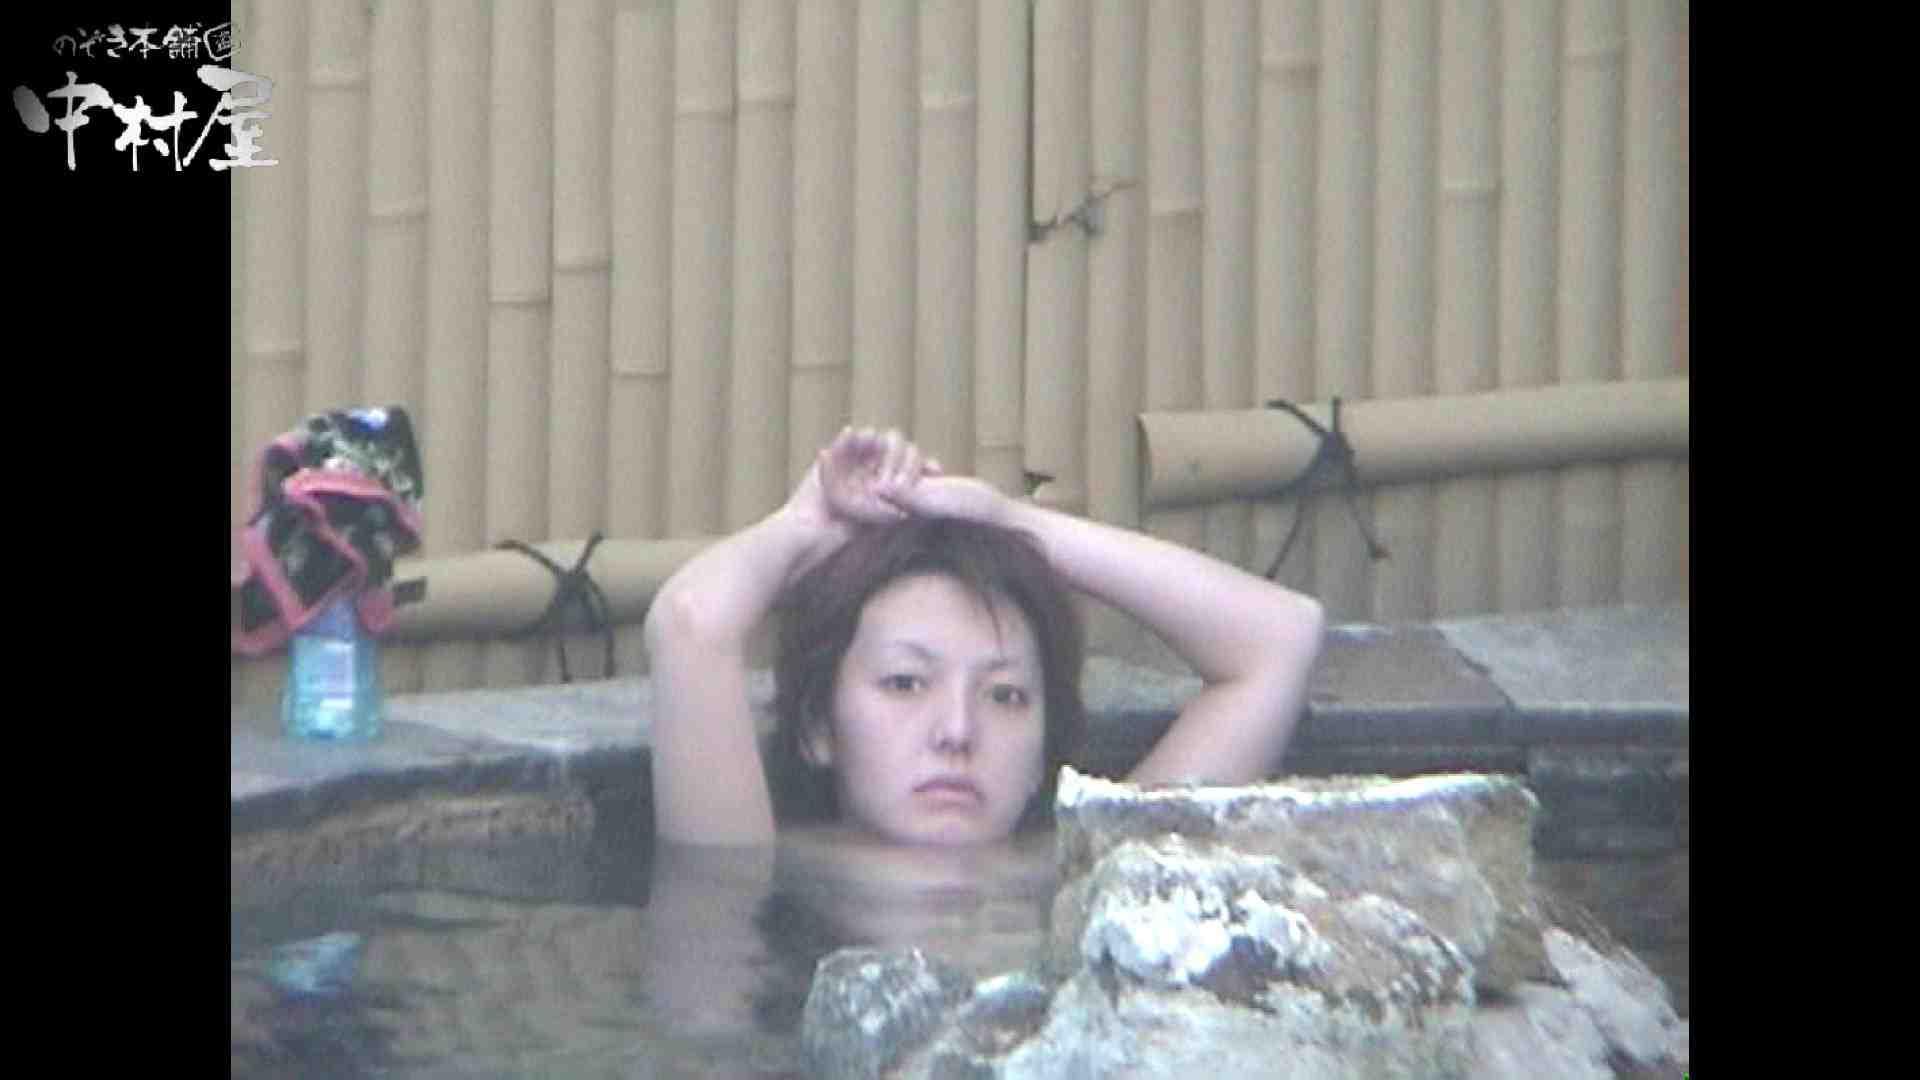 Aquaな露天風呂Vol.959 盗撮 | OLのエロ生活  42連発 4